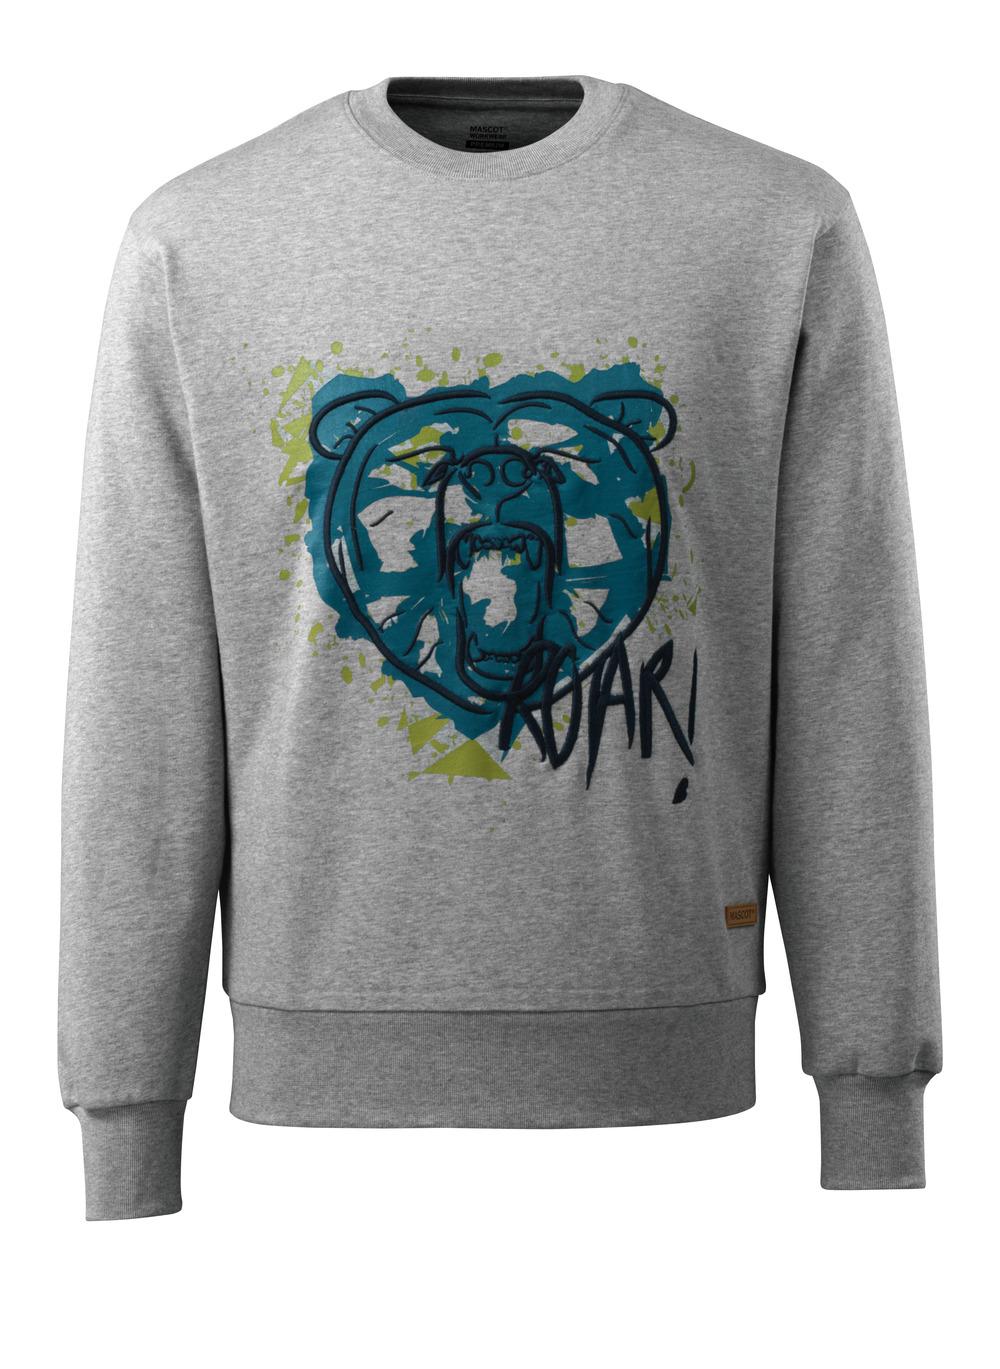 17284-280-08 Sweatshirt - Grau